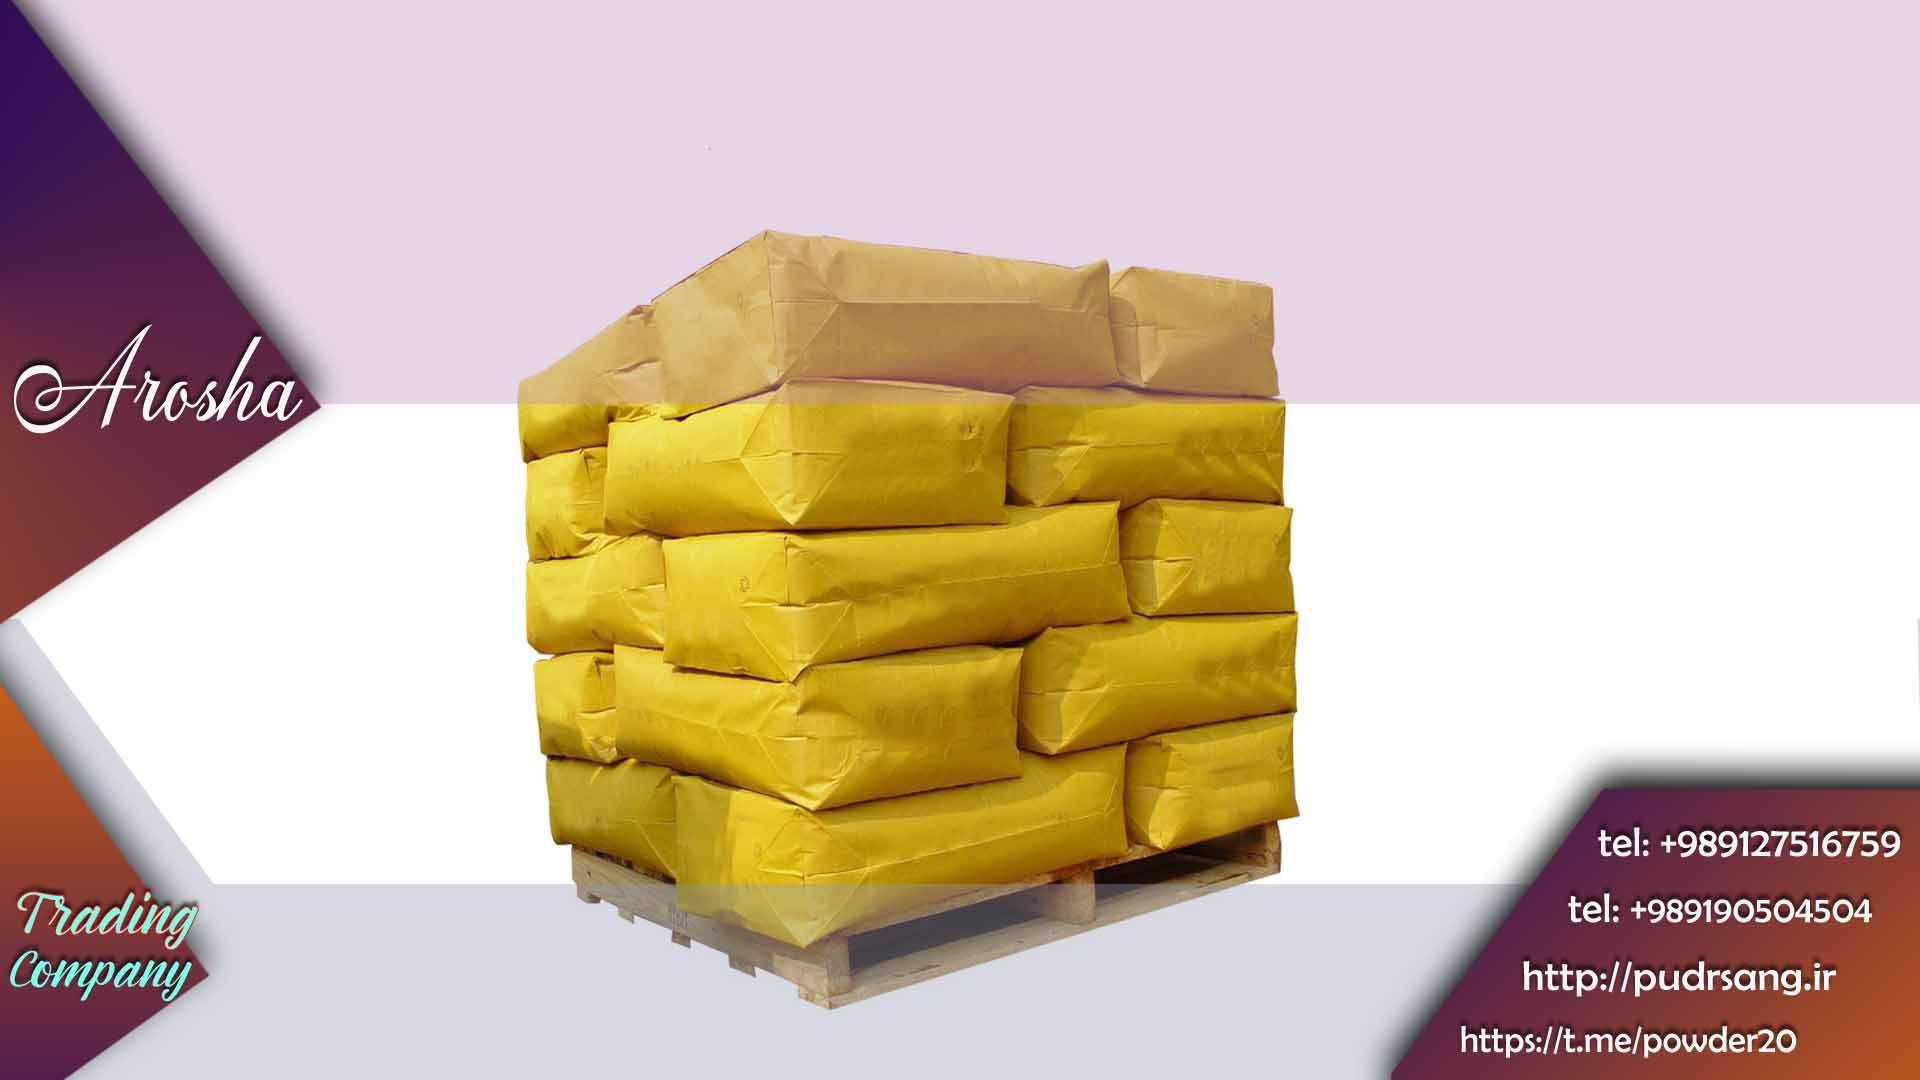 تولید کننده گل ماشی معدنی